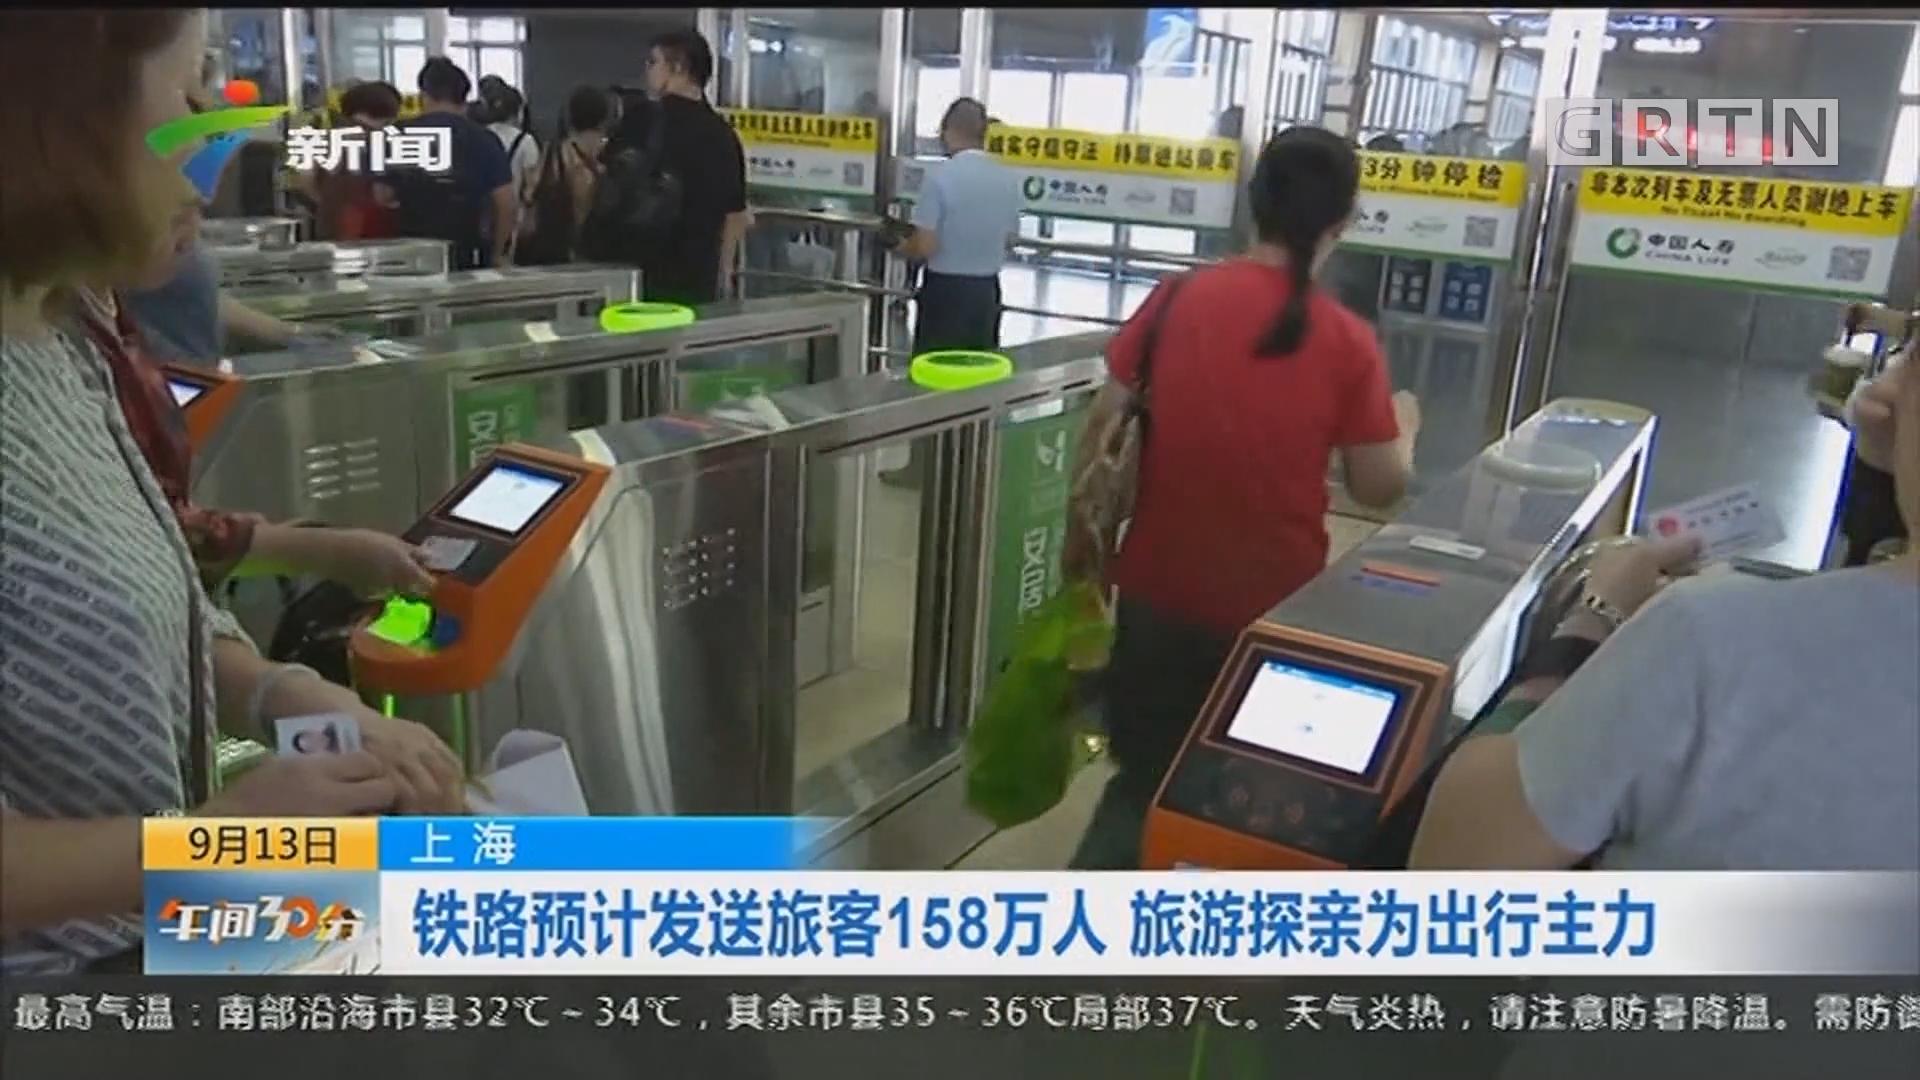 上海:铁路预计发送旅客158万人 旅游探亲为出行主力